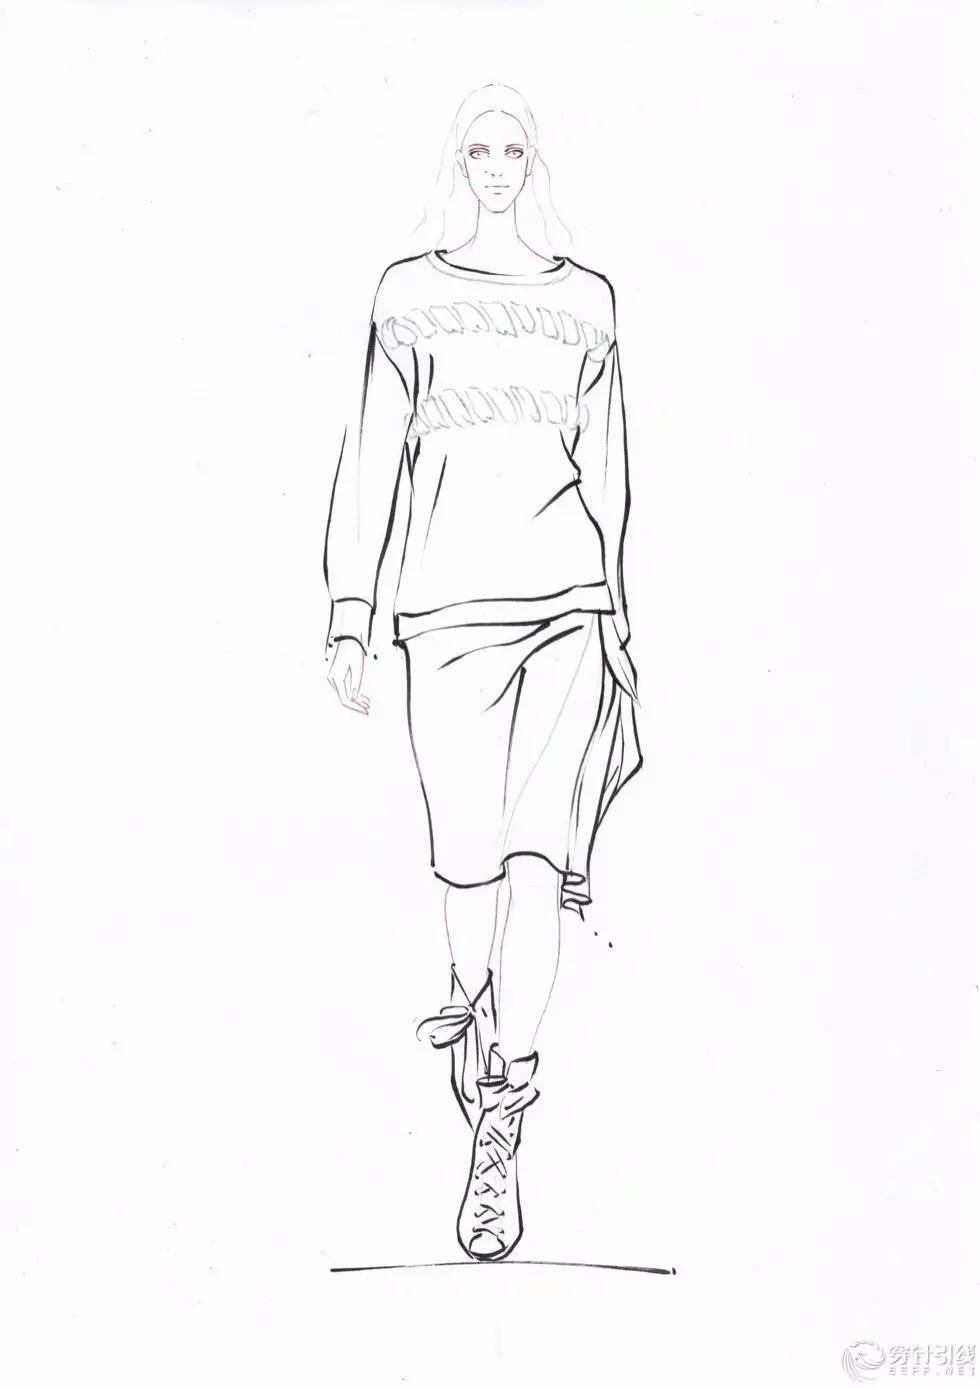 时装手绘 | 马克笔时装画,线稿